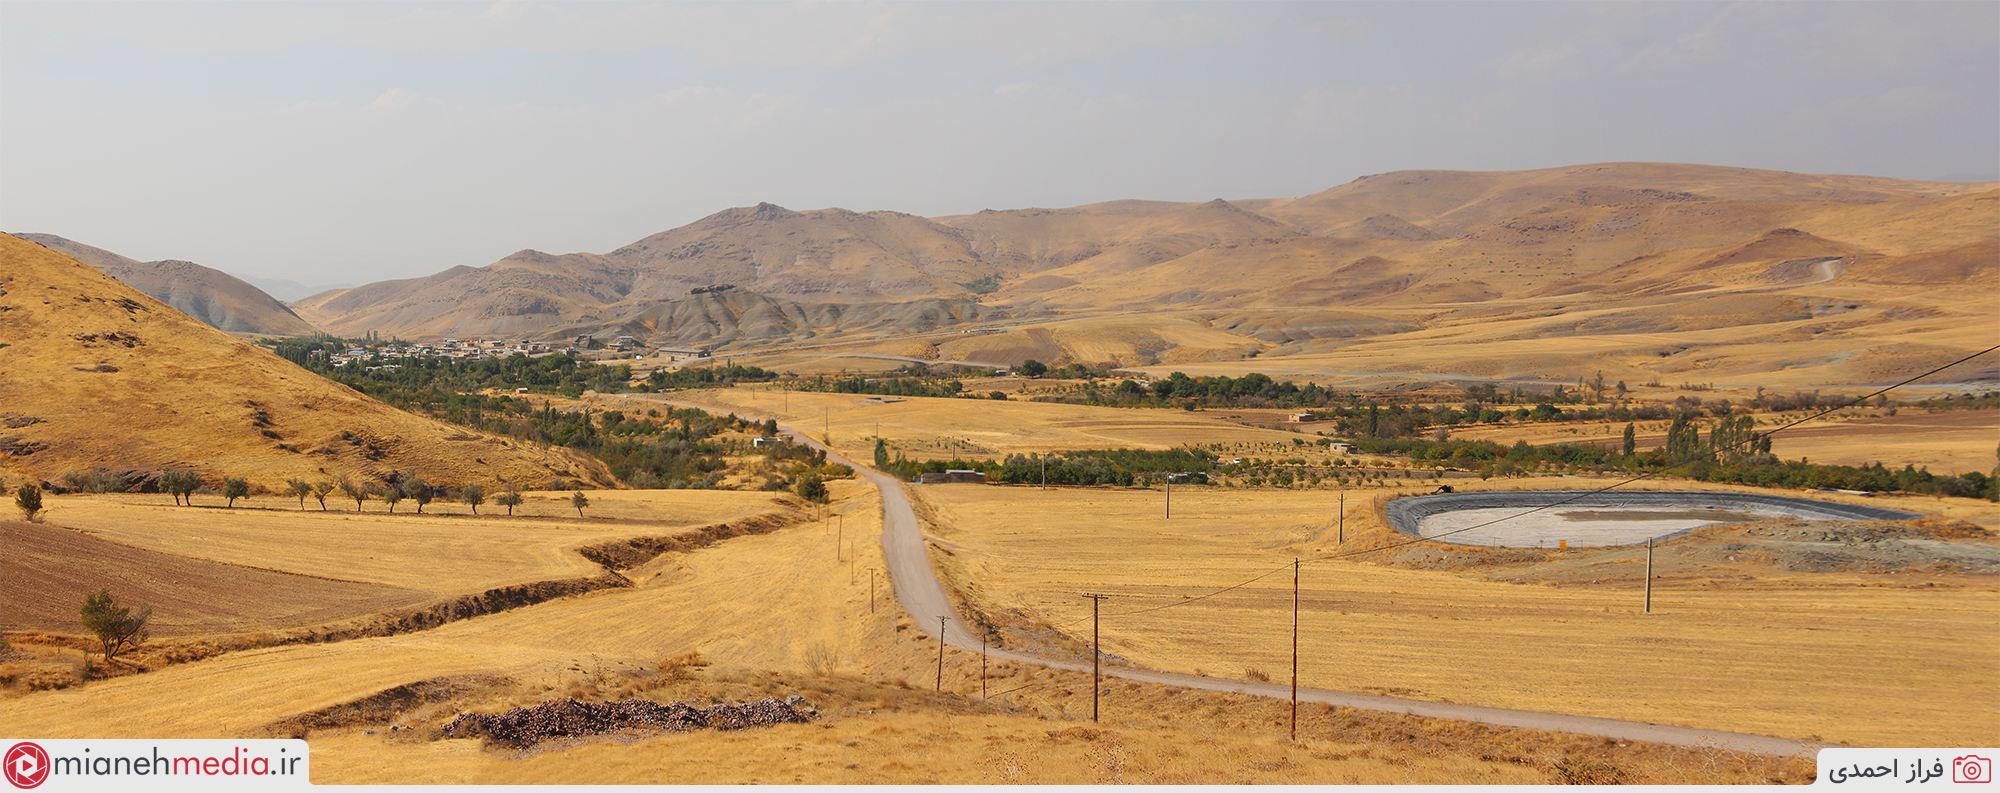 روستای برانقار (بورانقار)